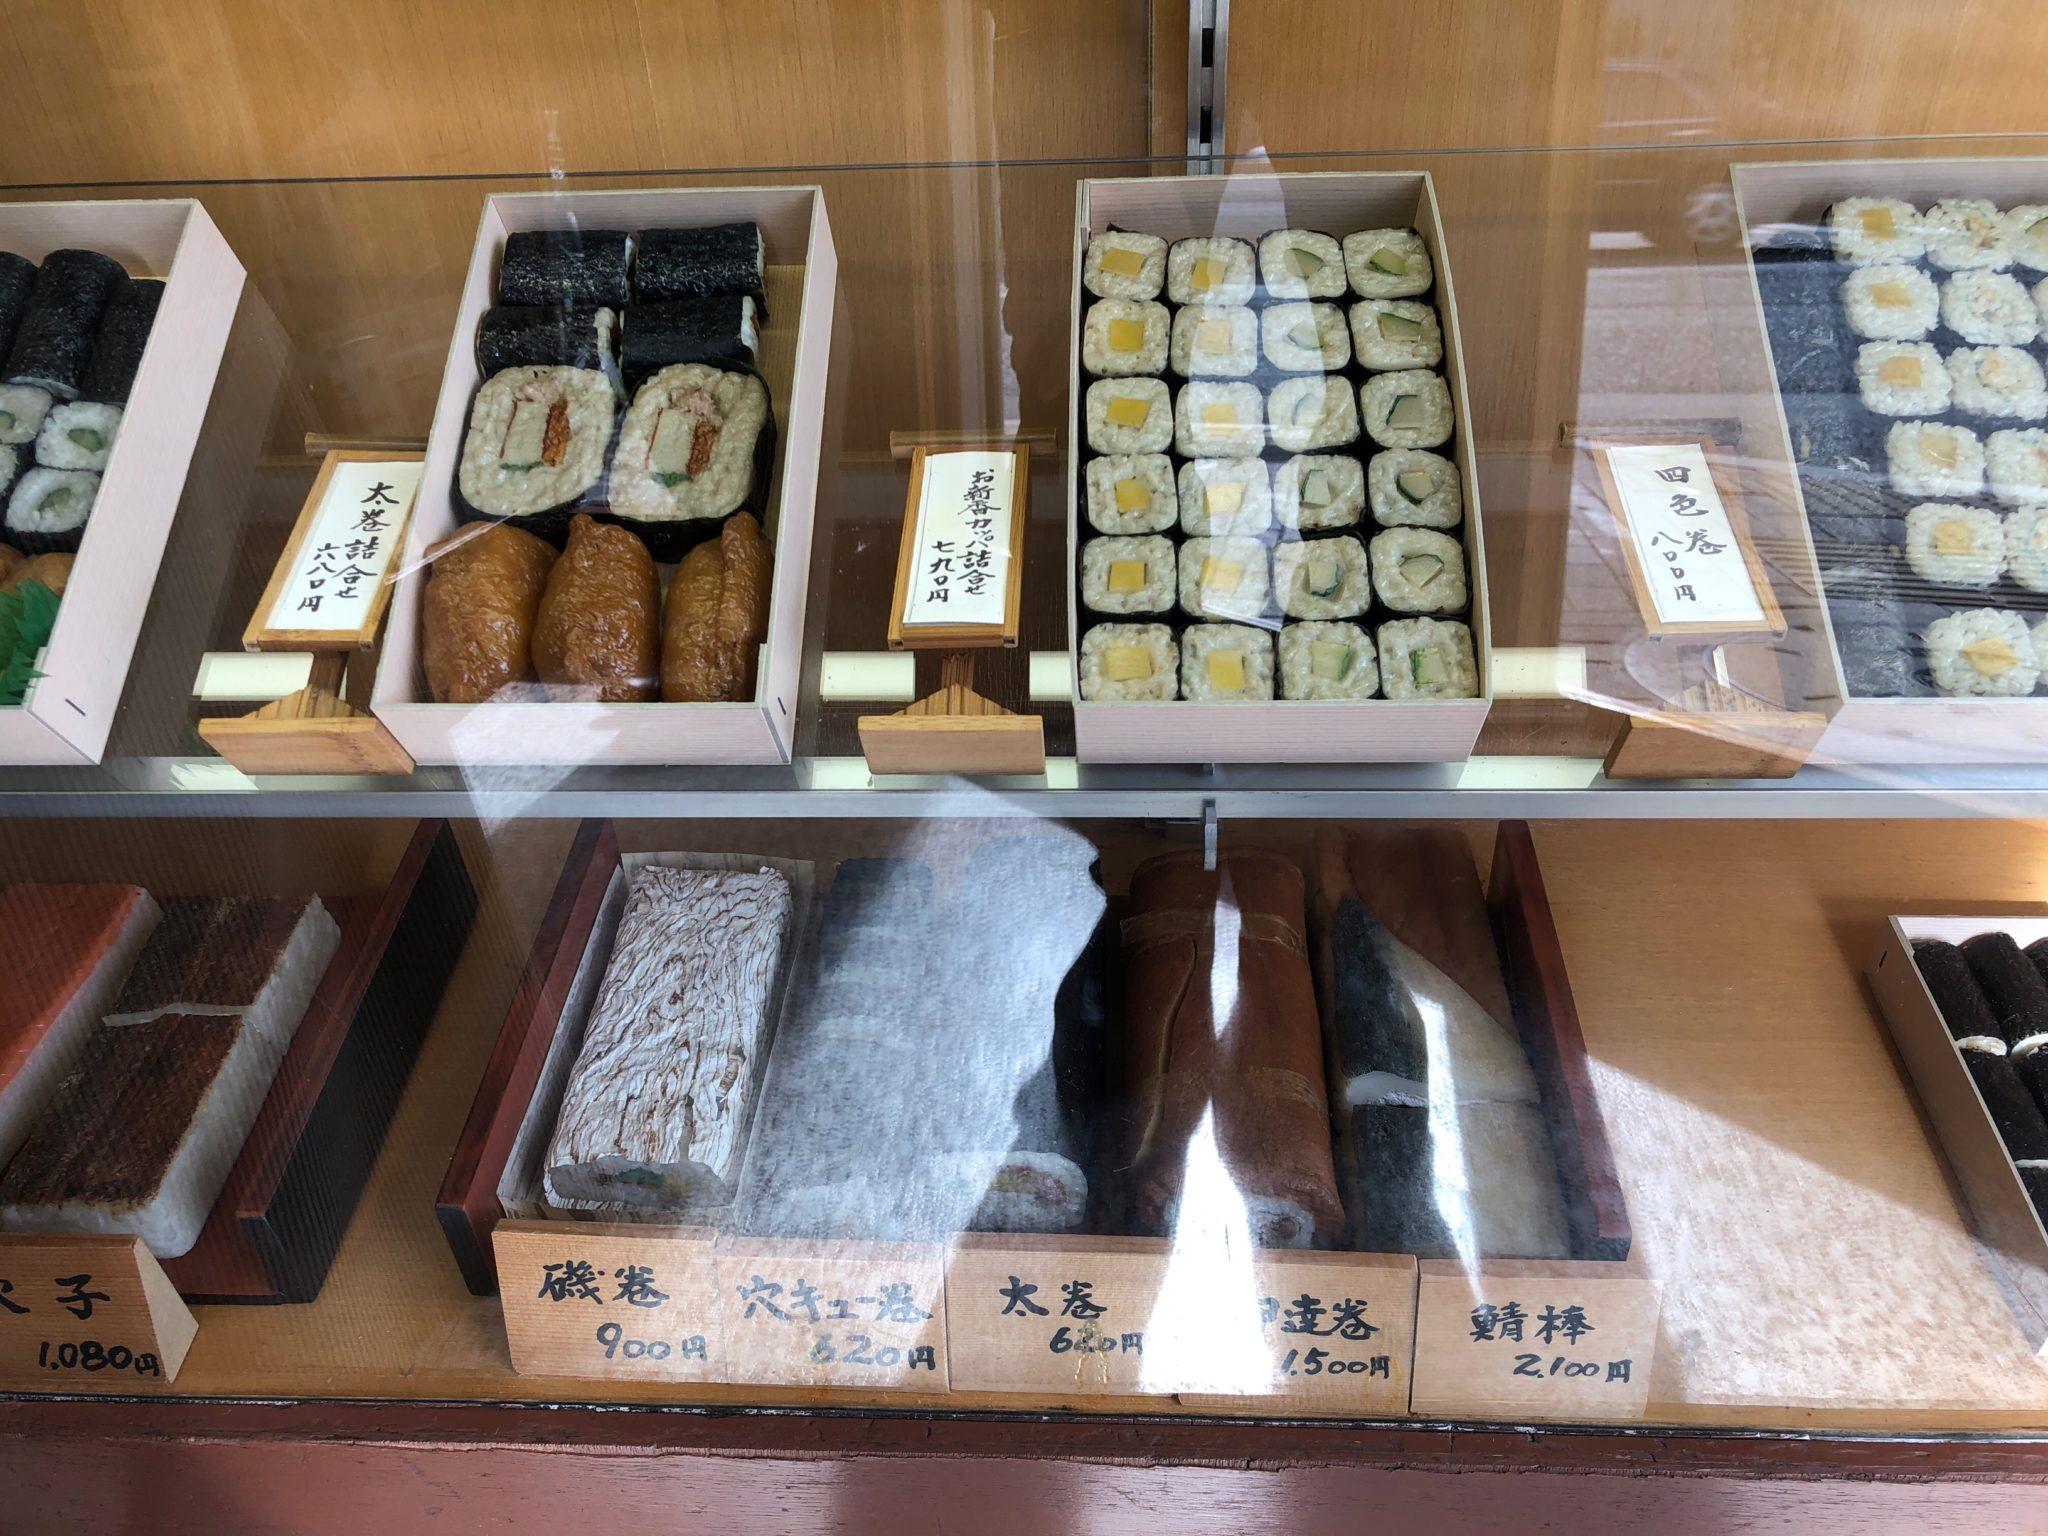 美の輪寿司の巻物メニュー